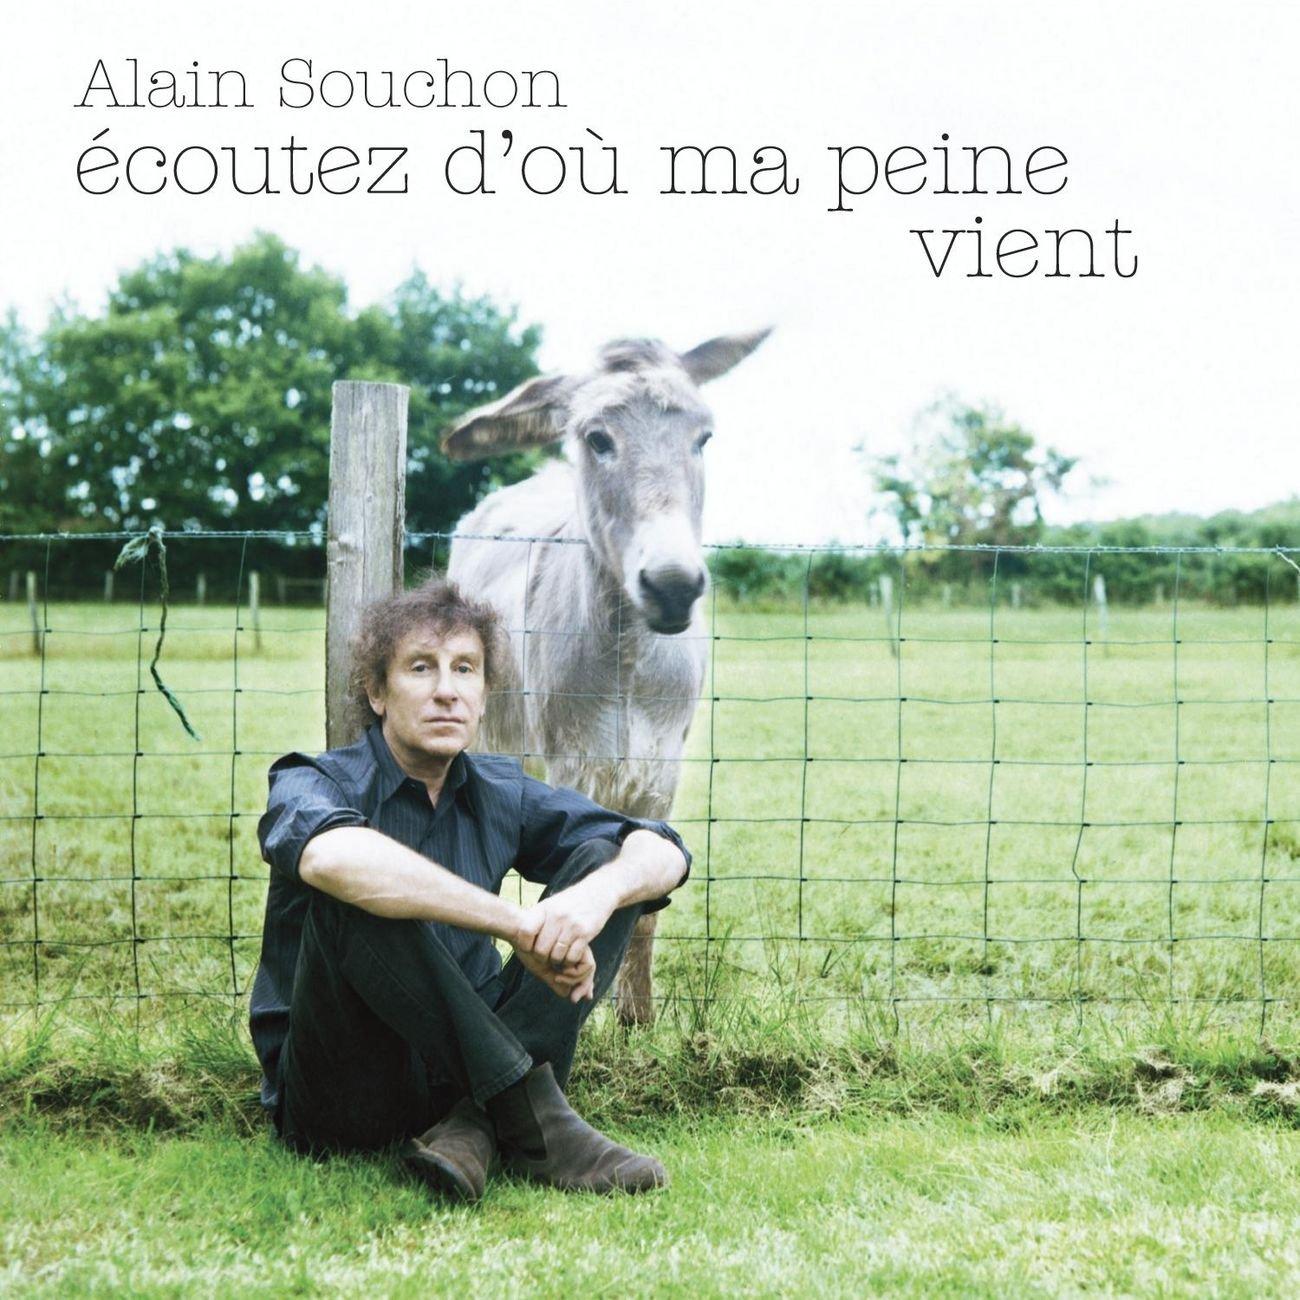 Ecoutez d'où ma peine vient: Alain Souchon, Alain Souchon: Amazon.fr: CD et  Vinyles}